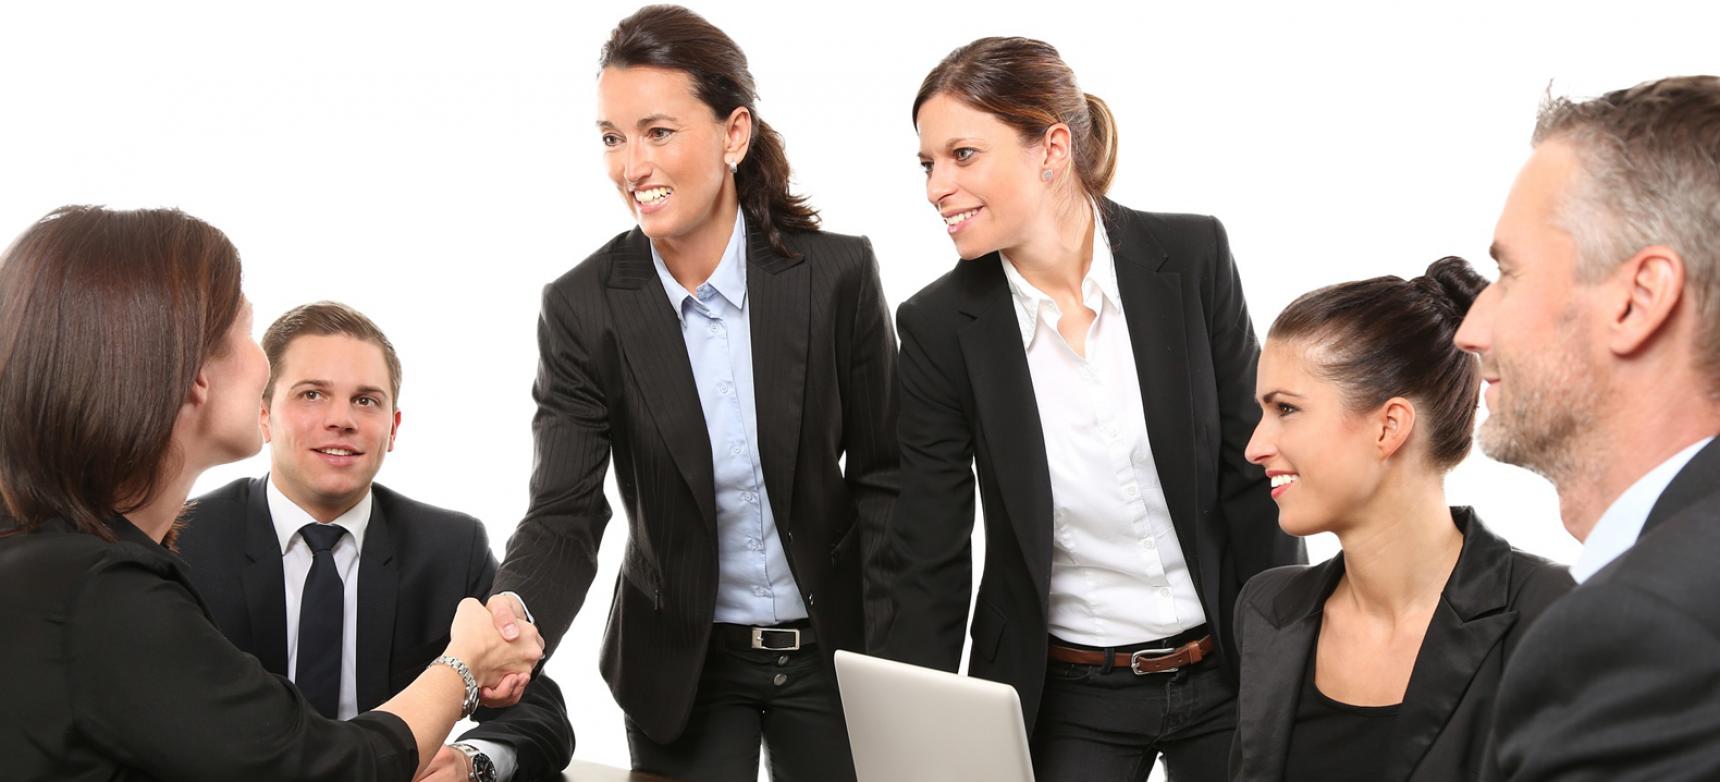 Beneficios de la concertación de citas comerciales